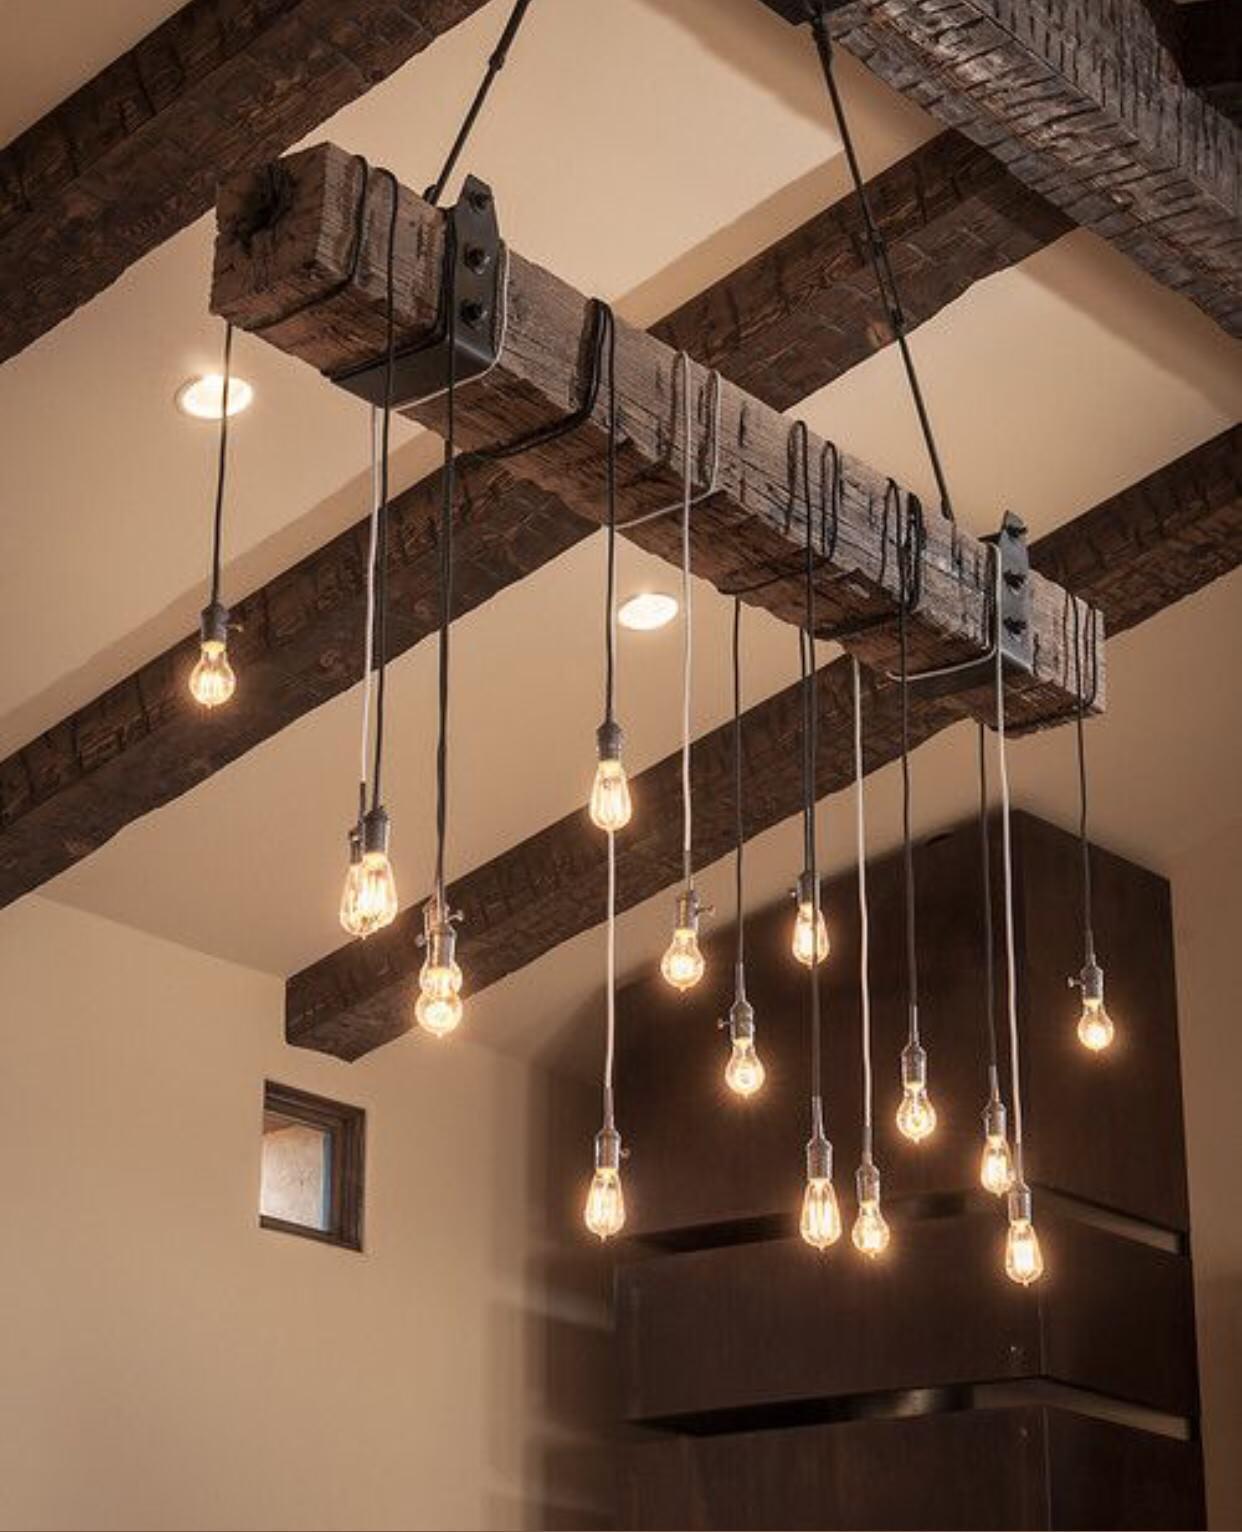 Для оформления интерьера можно использовать как маленькие и простые конструкции, так и большие и экстравагантные